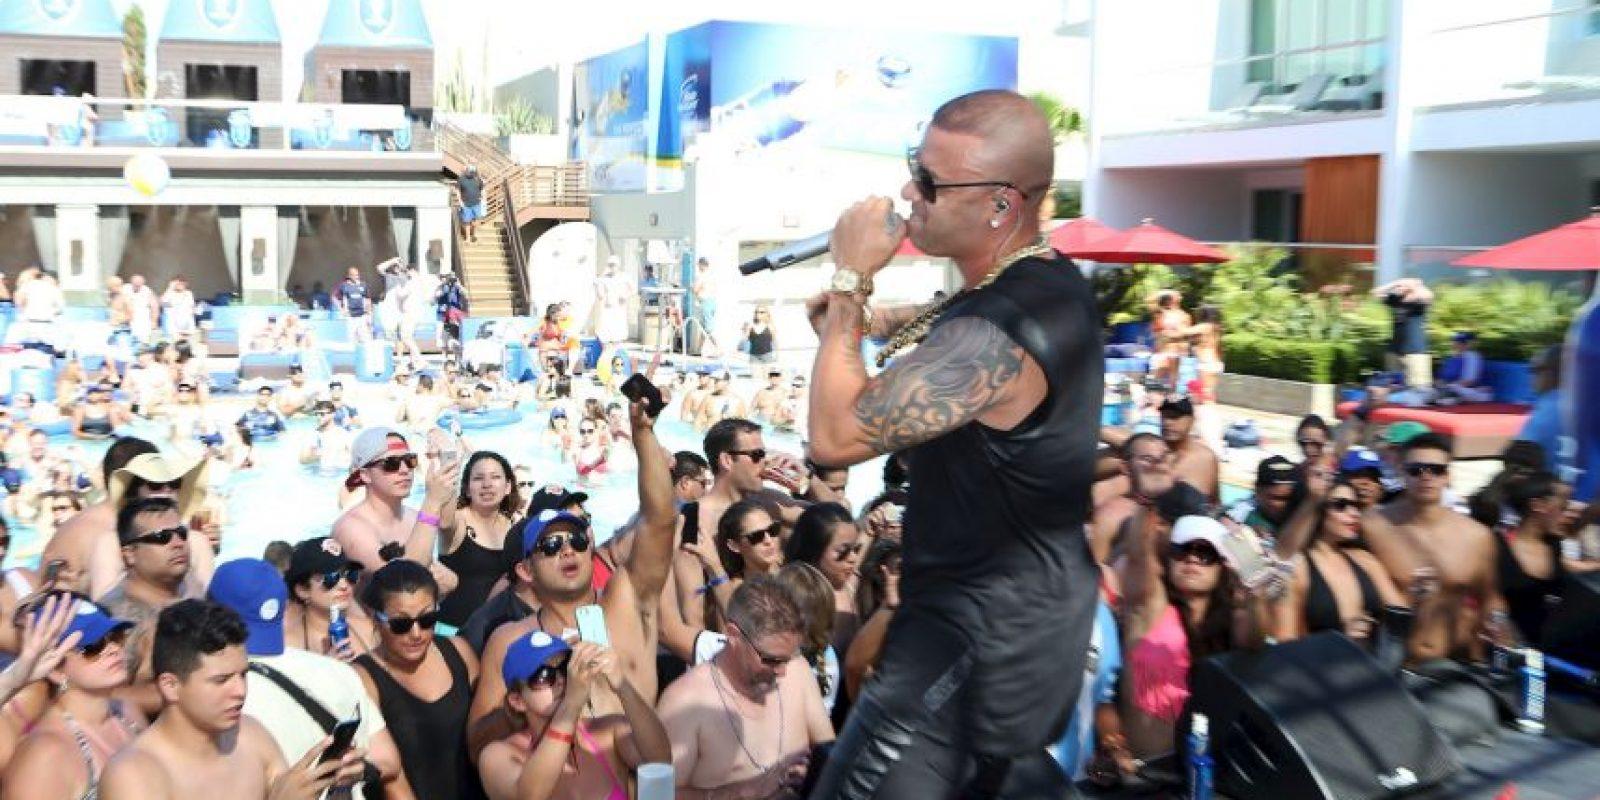 """1. La piscina Cosmopolitan conocida como """"Marquee DayClub pool"""", localizada en Las Vegas, Estados Unidos. Foto:Getty Images"""